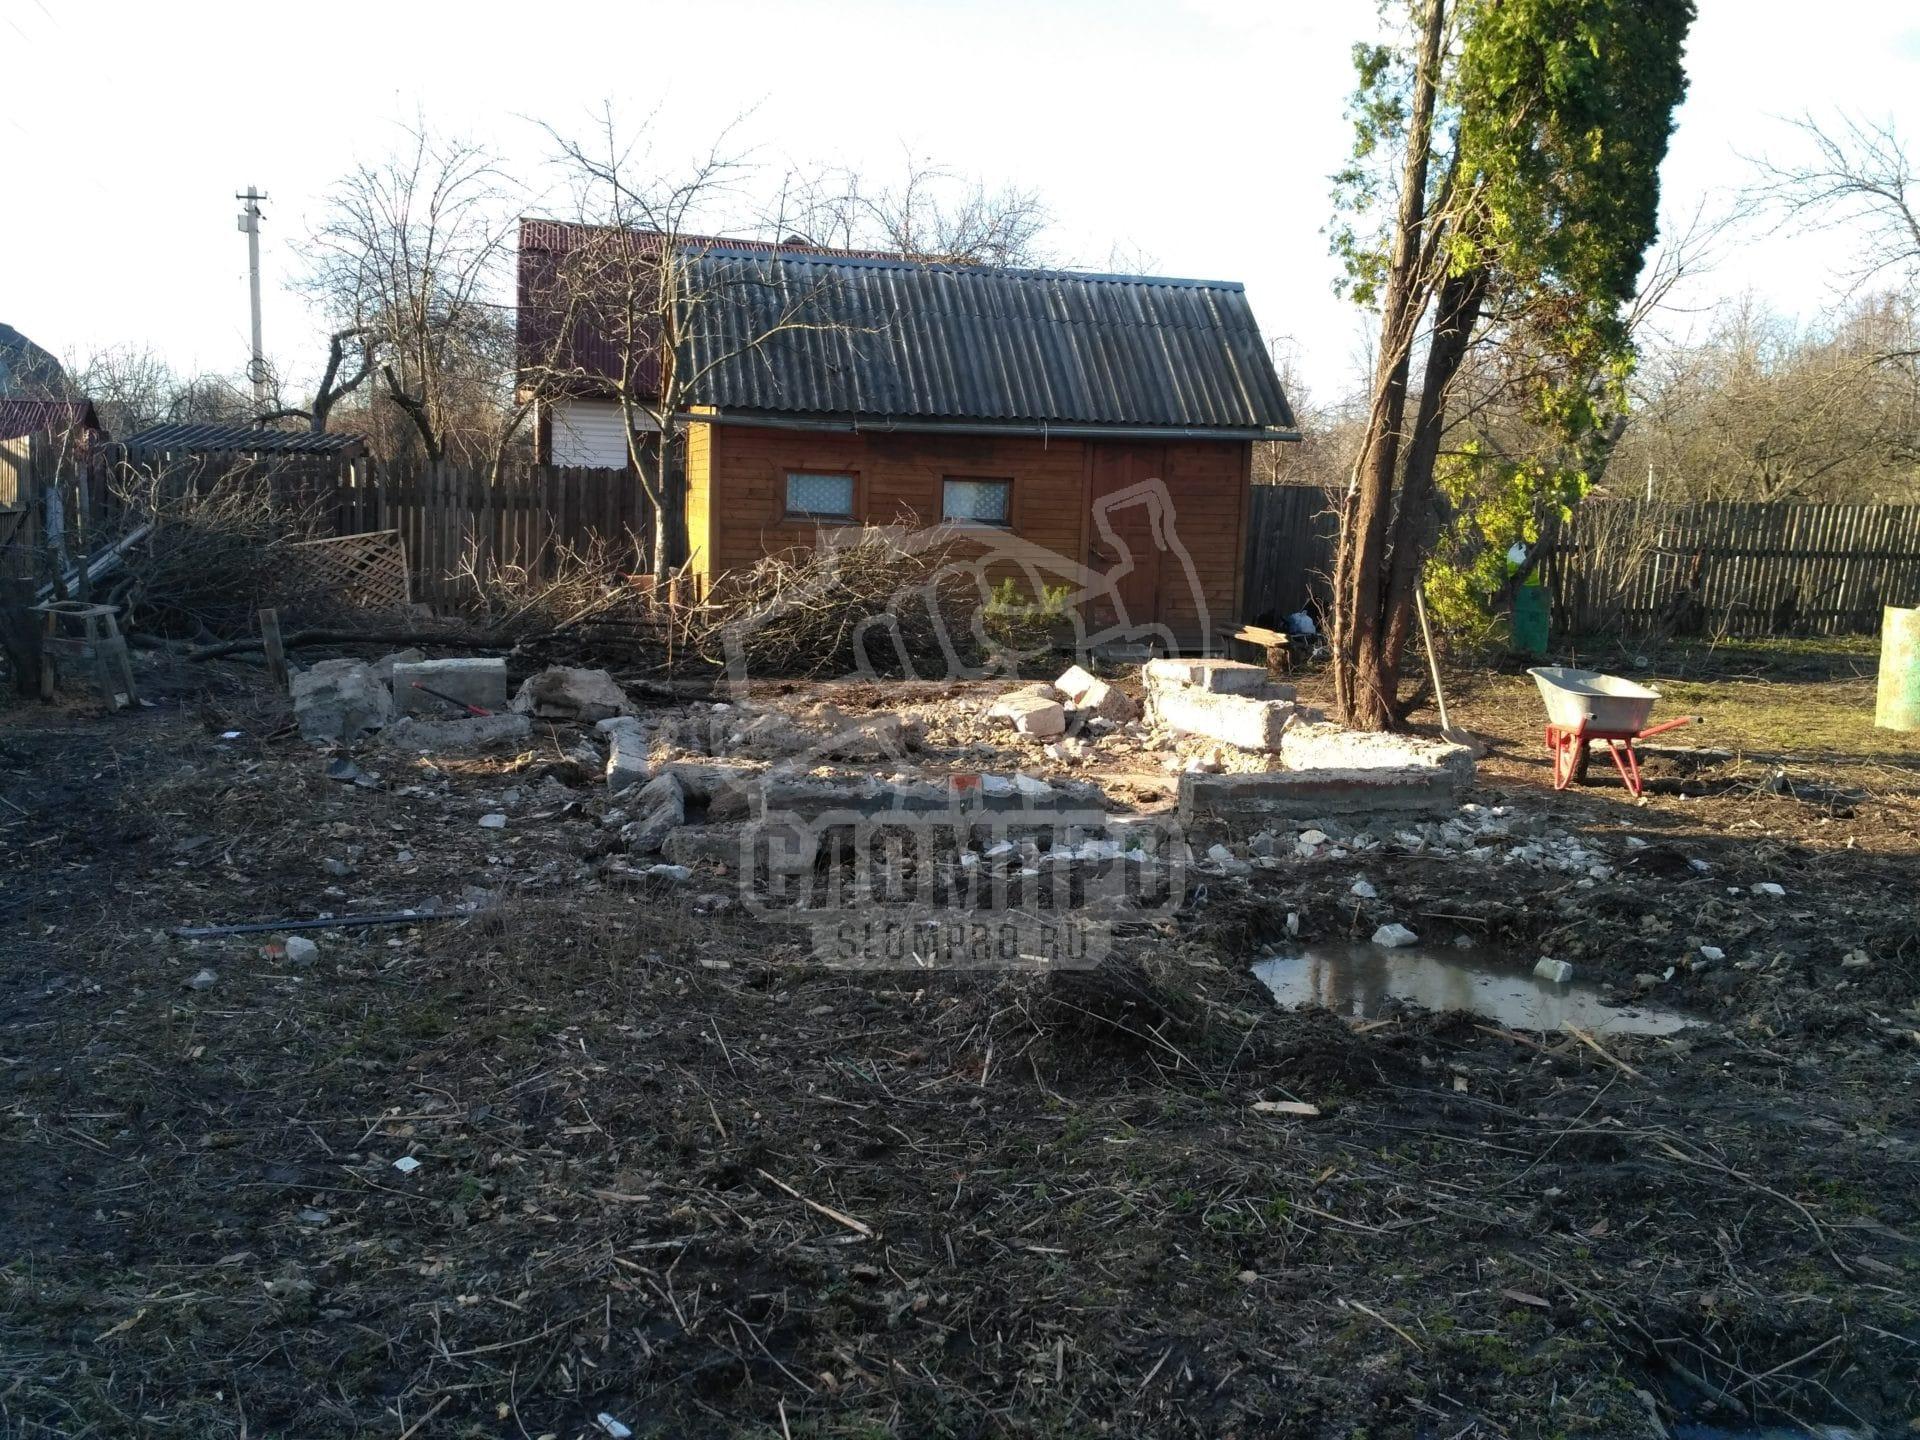 Ленточный фундамент строения после демонтажа